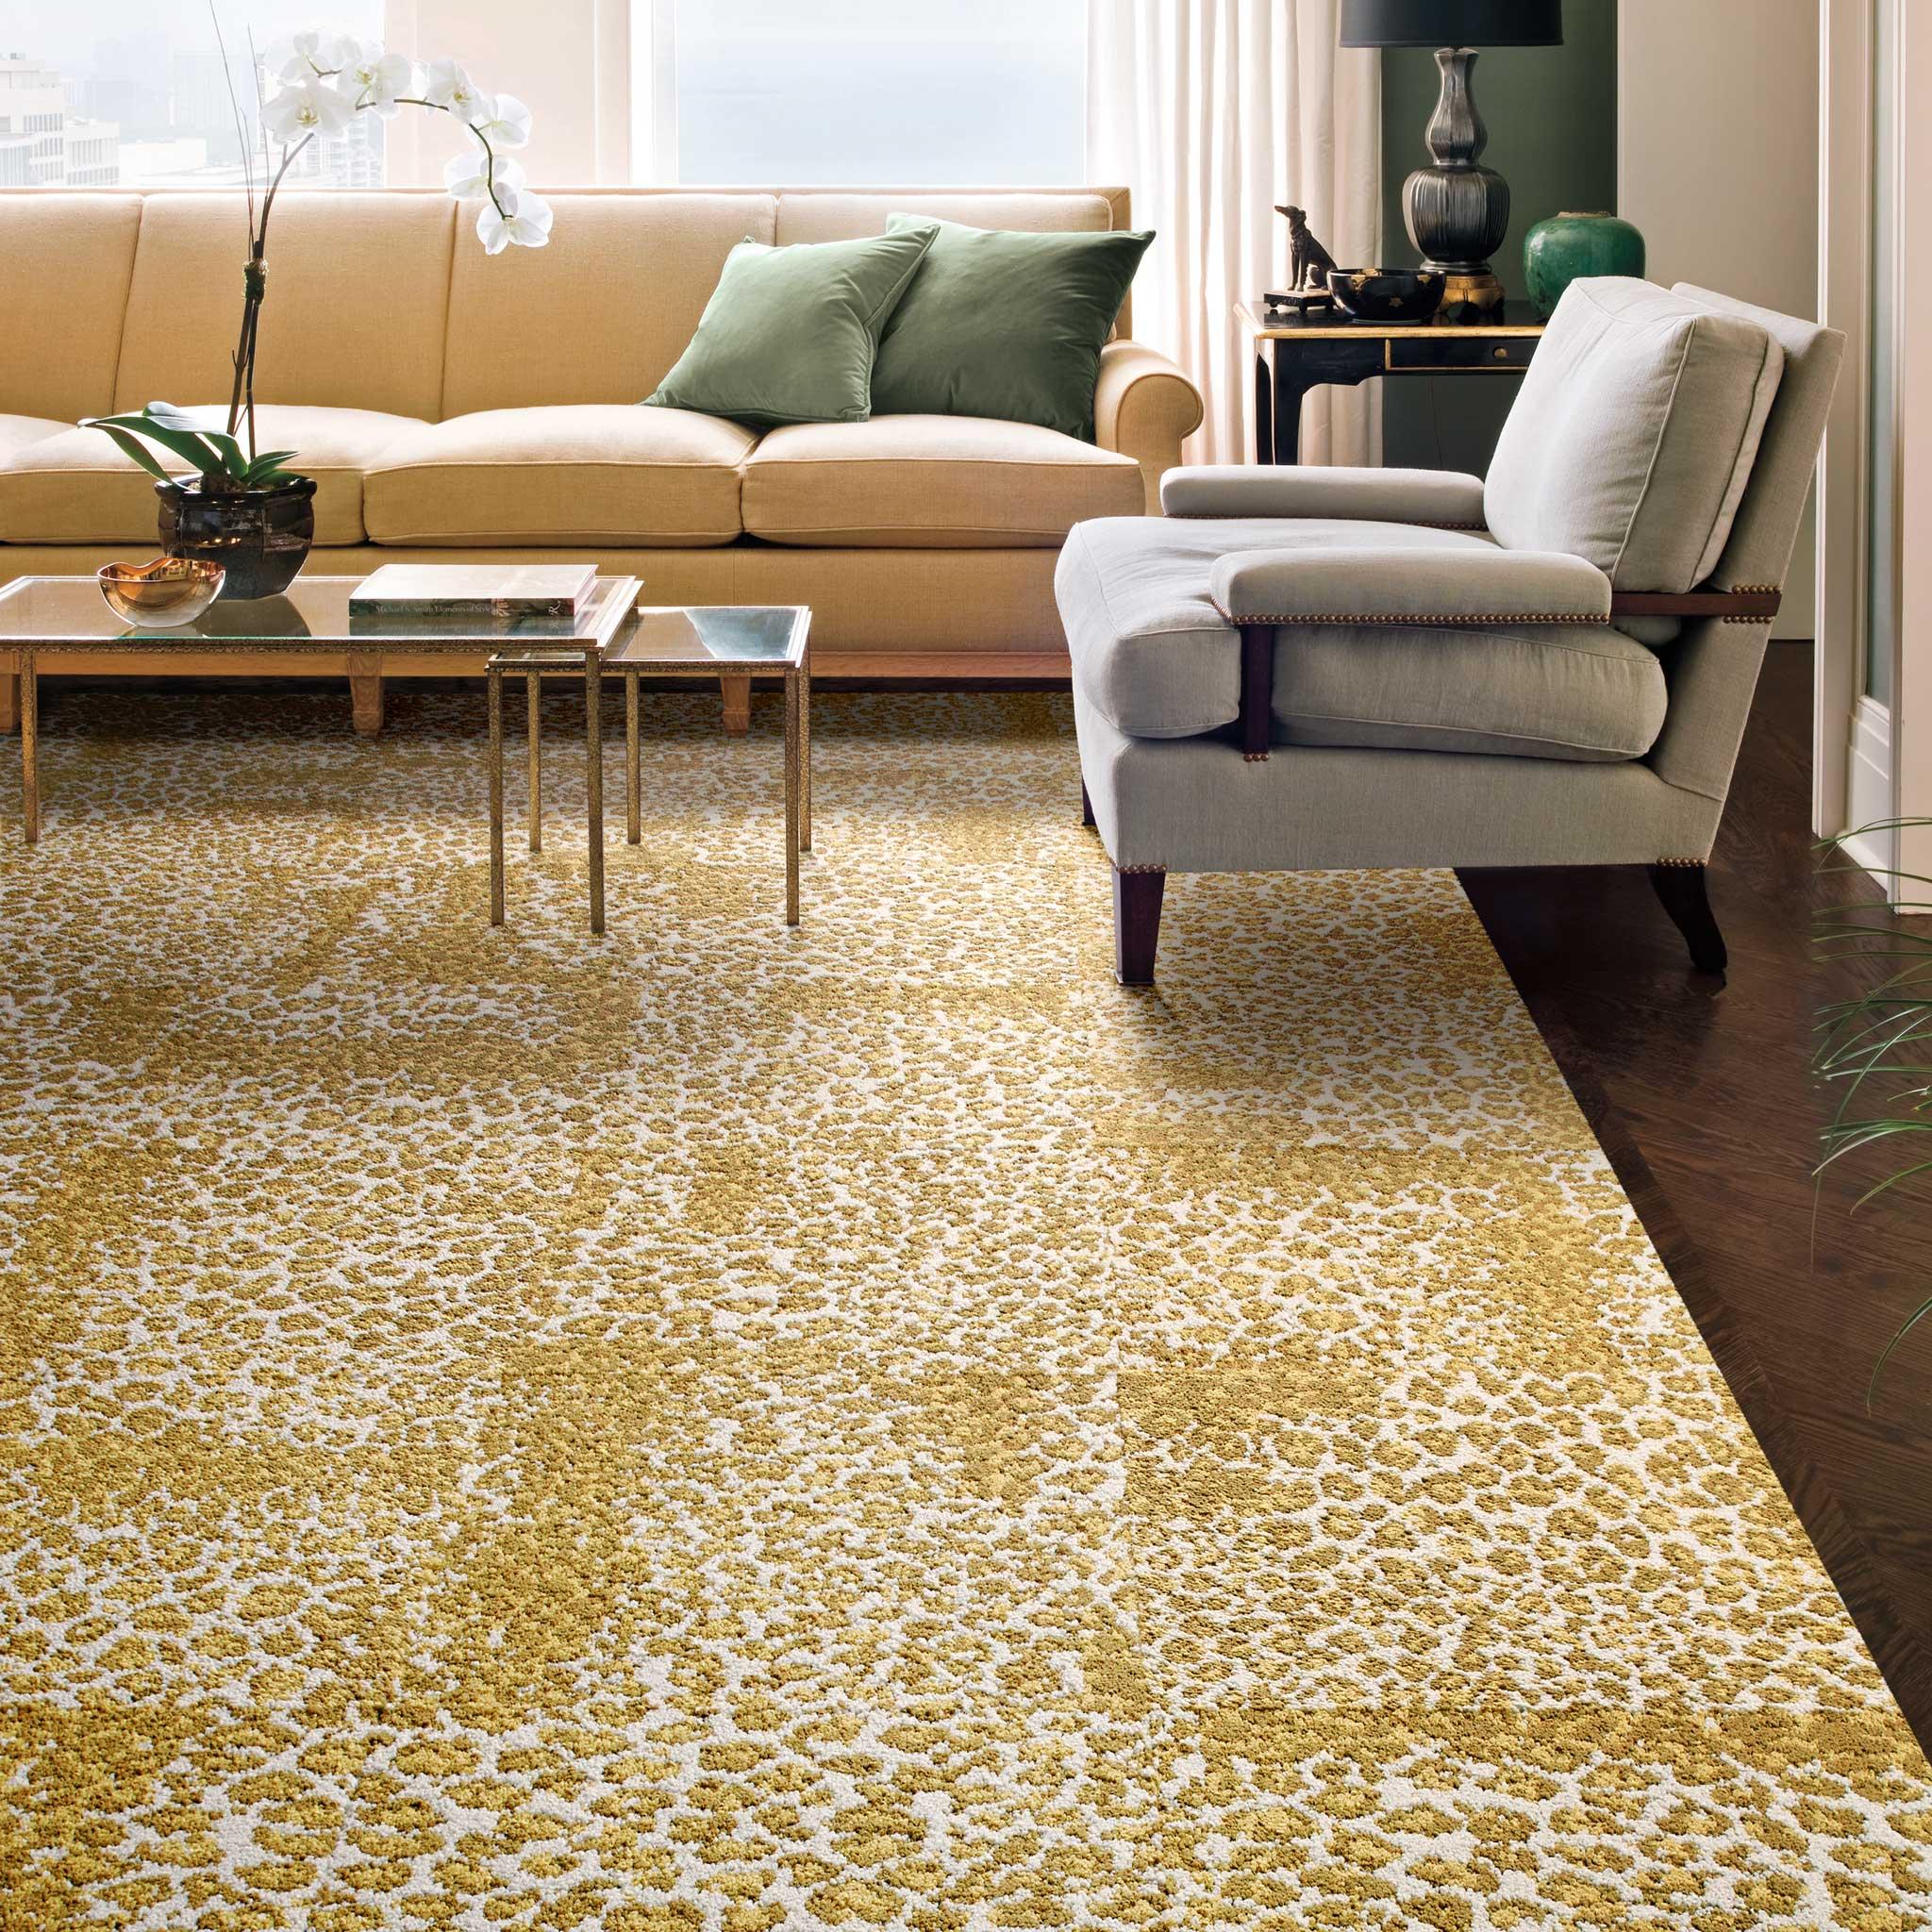 4 - carpet tile 2.jpg